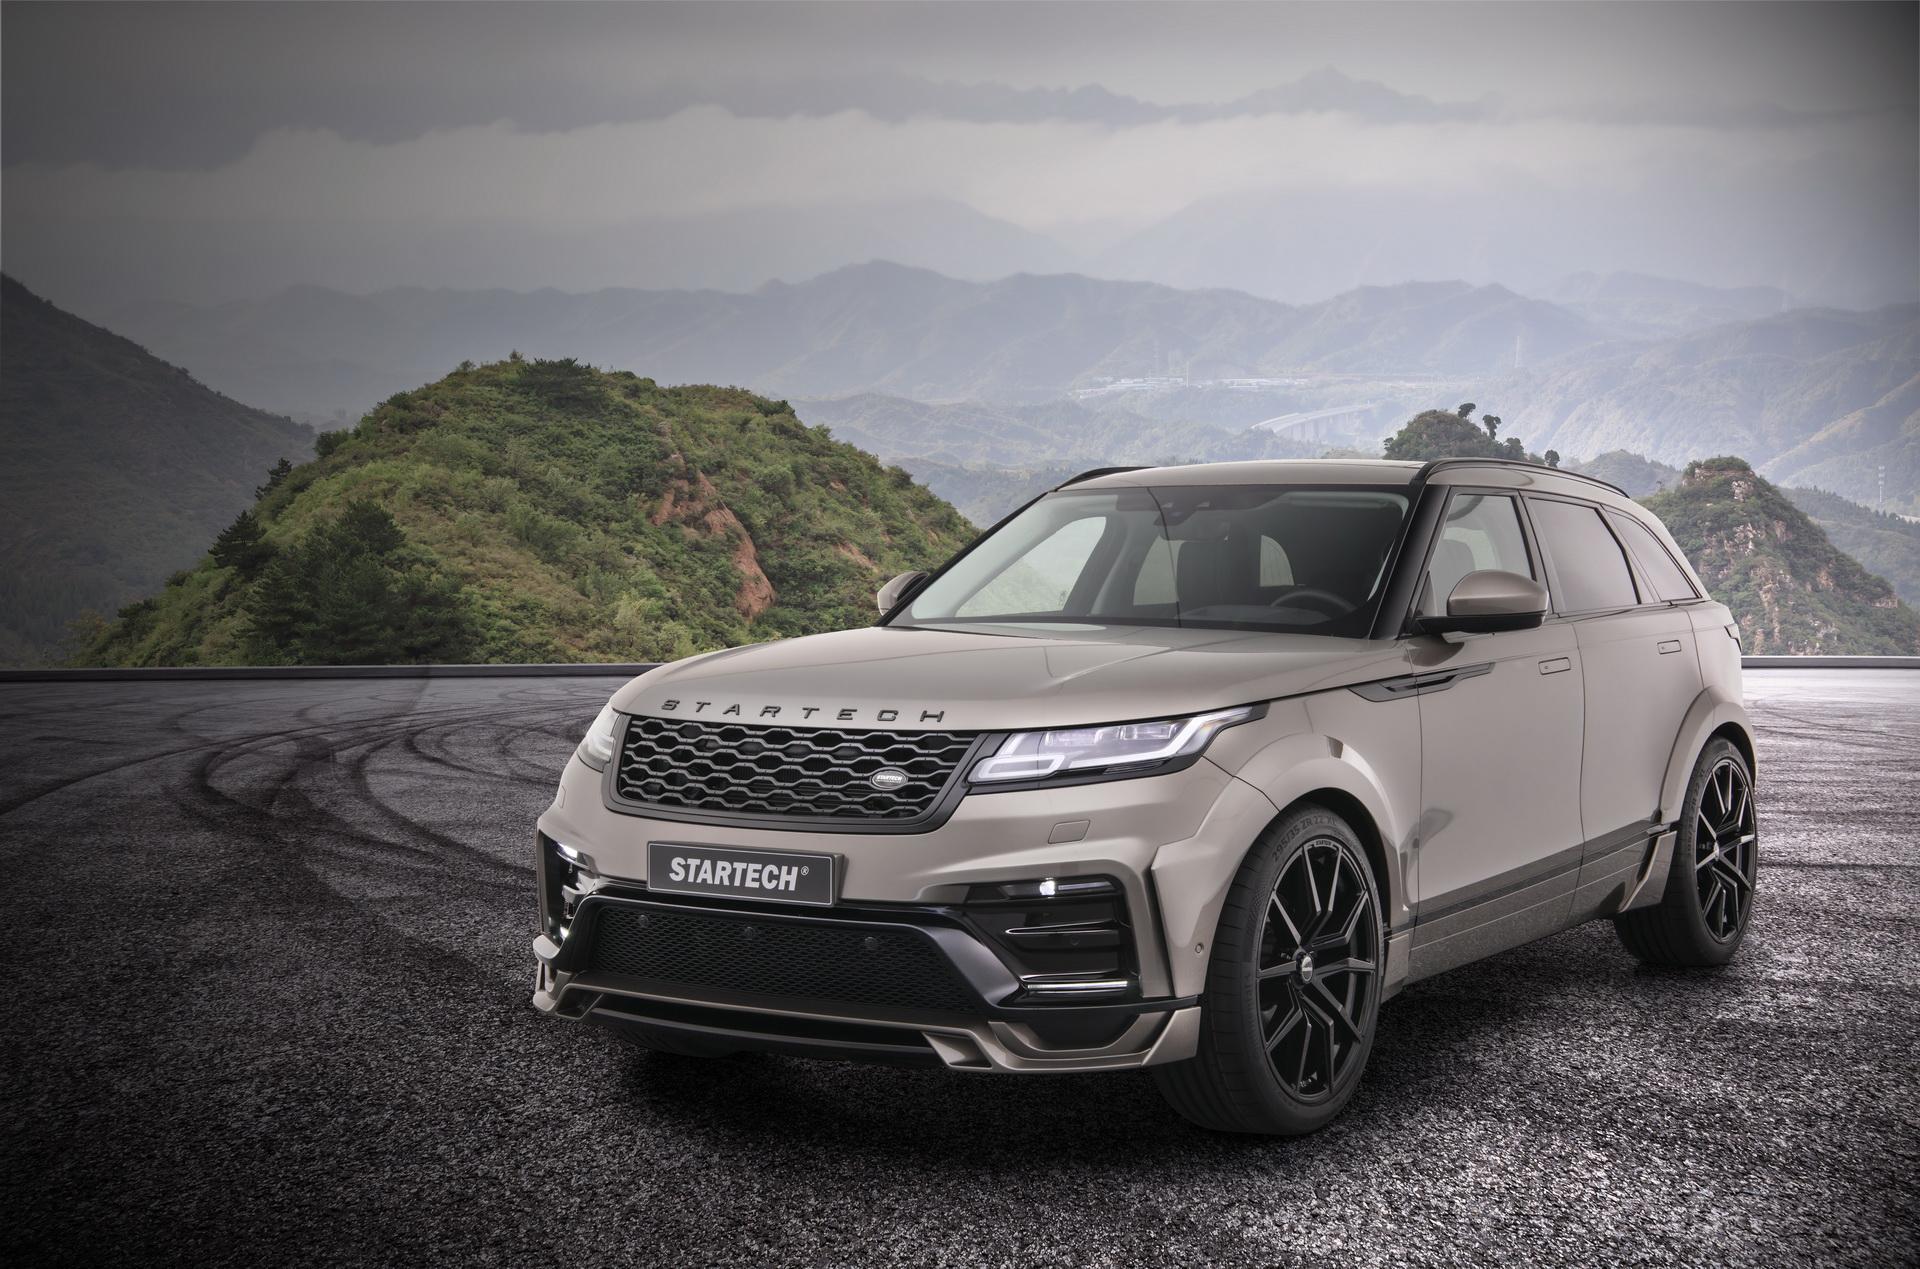 Range_Rover_Velar_Startech_0012